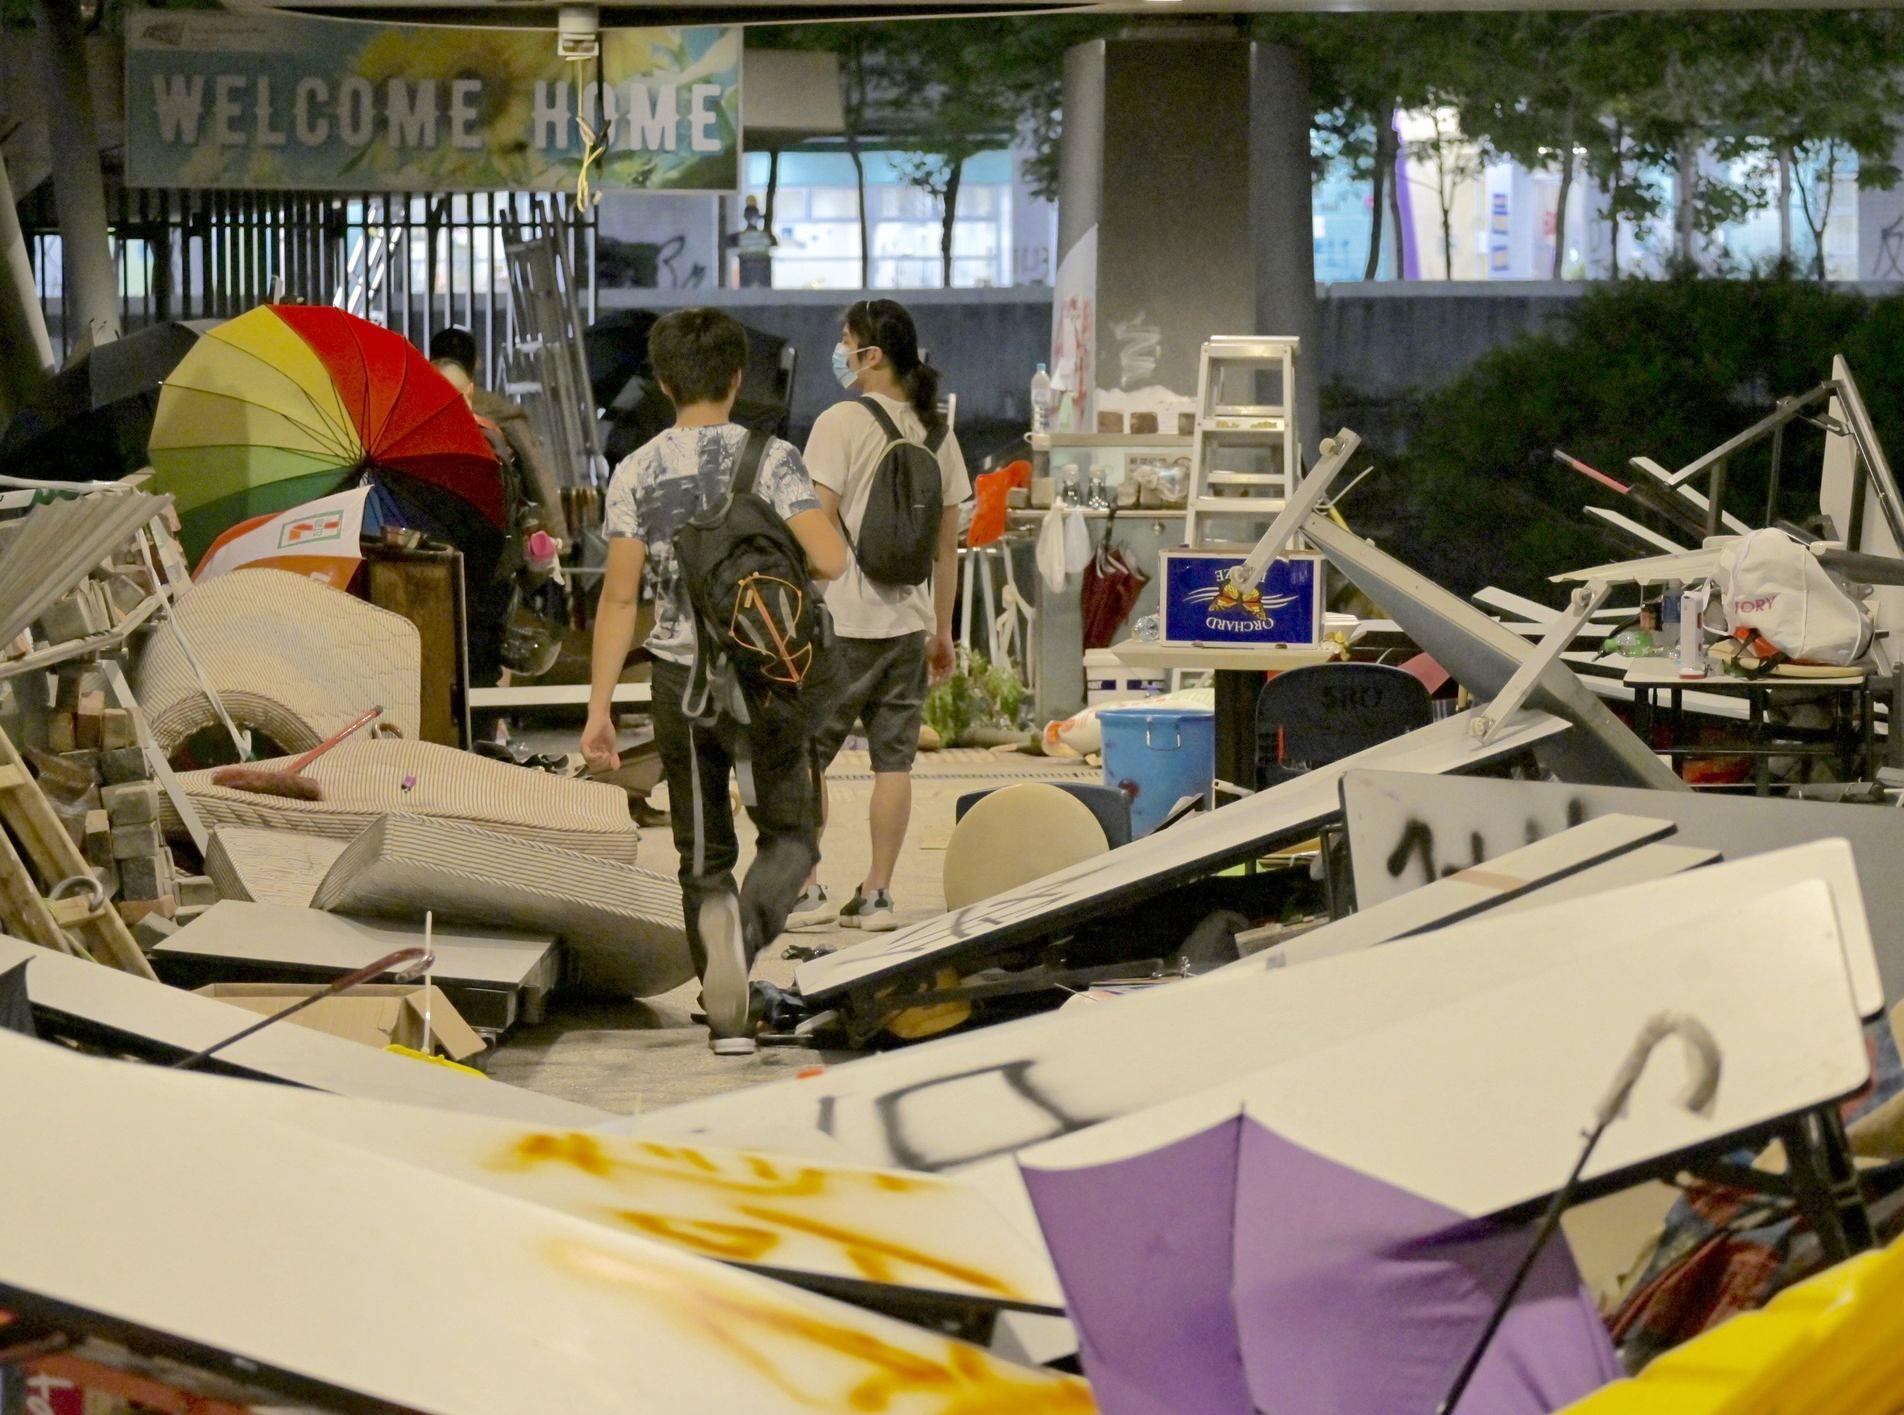 昨晚有不少示威者留守城大範圍內。資料圖片